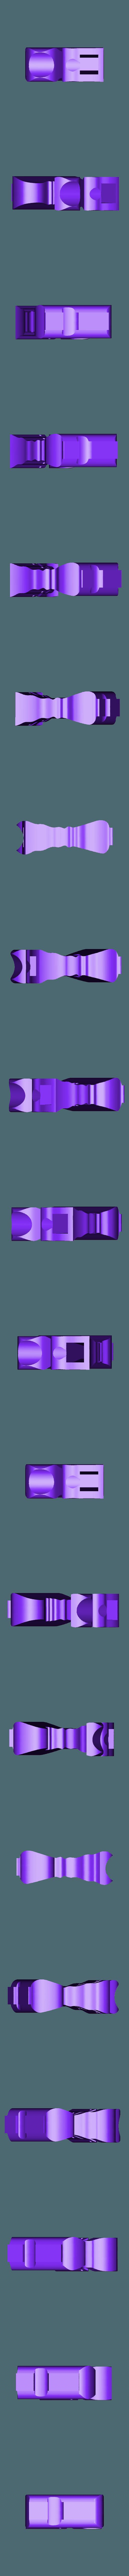 botte_creuse_finie.stl Télécharger fichier STL gratuit botte - boot • Objet à imprimer en 3D, veroniqueduval9118